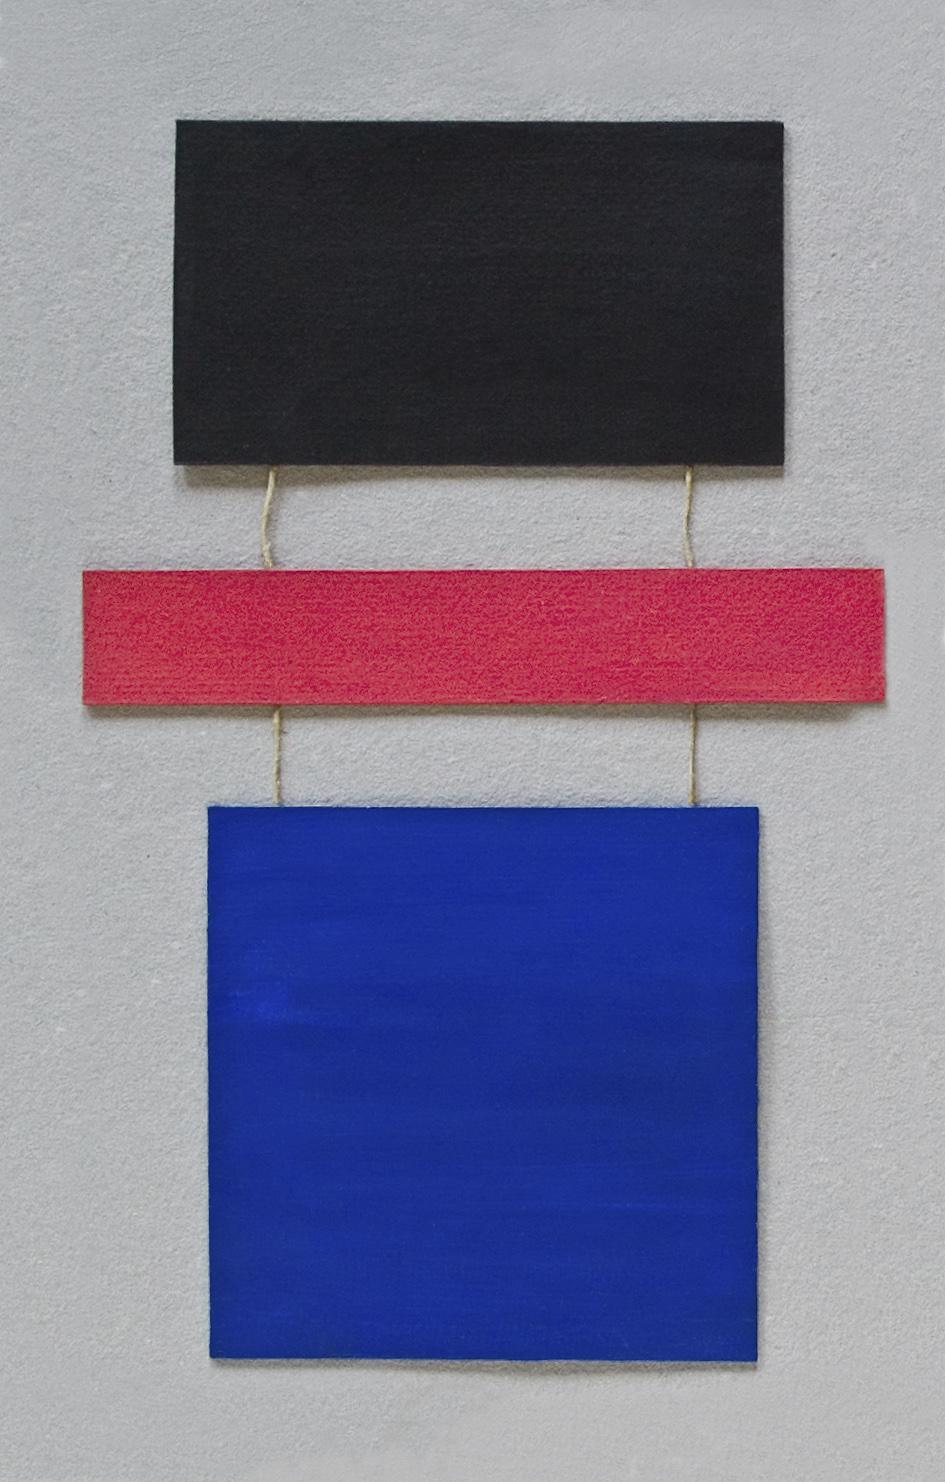 akril, papir, 77 x 50 cm, 1984